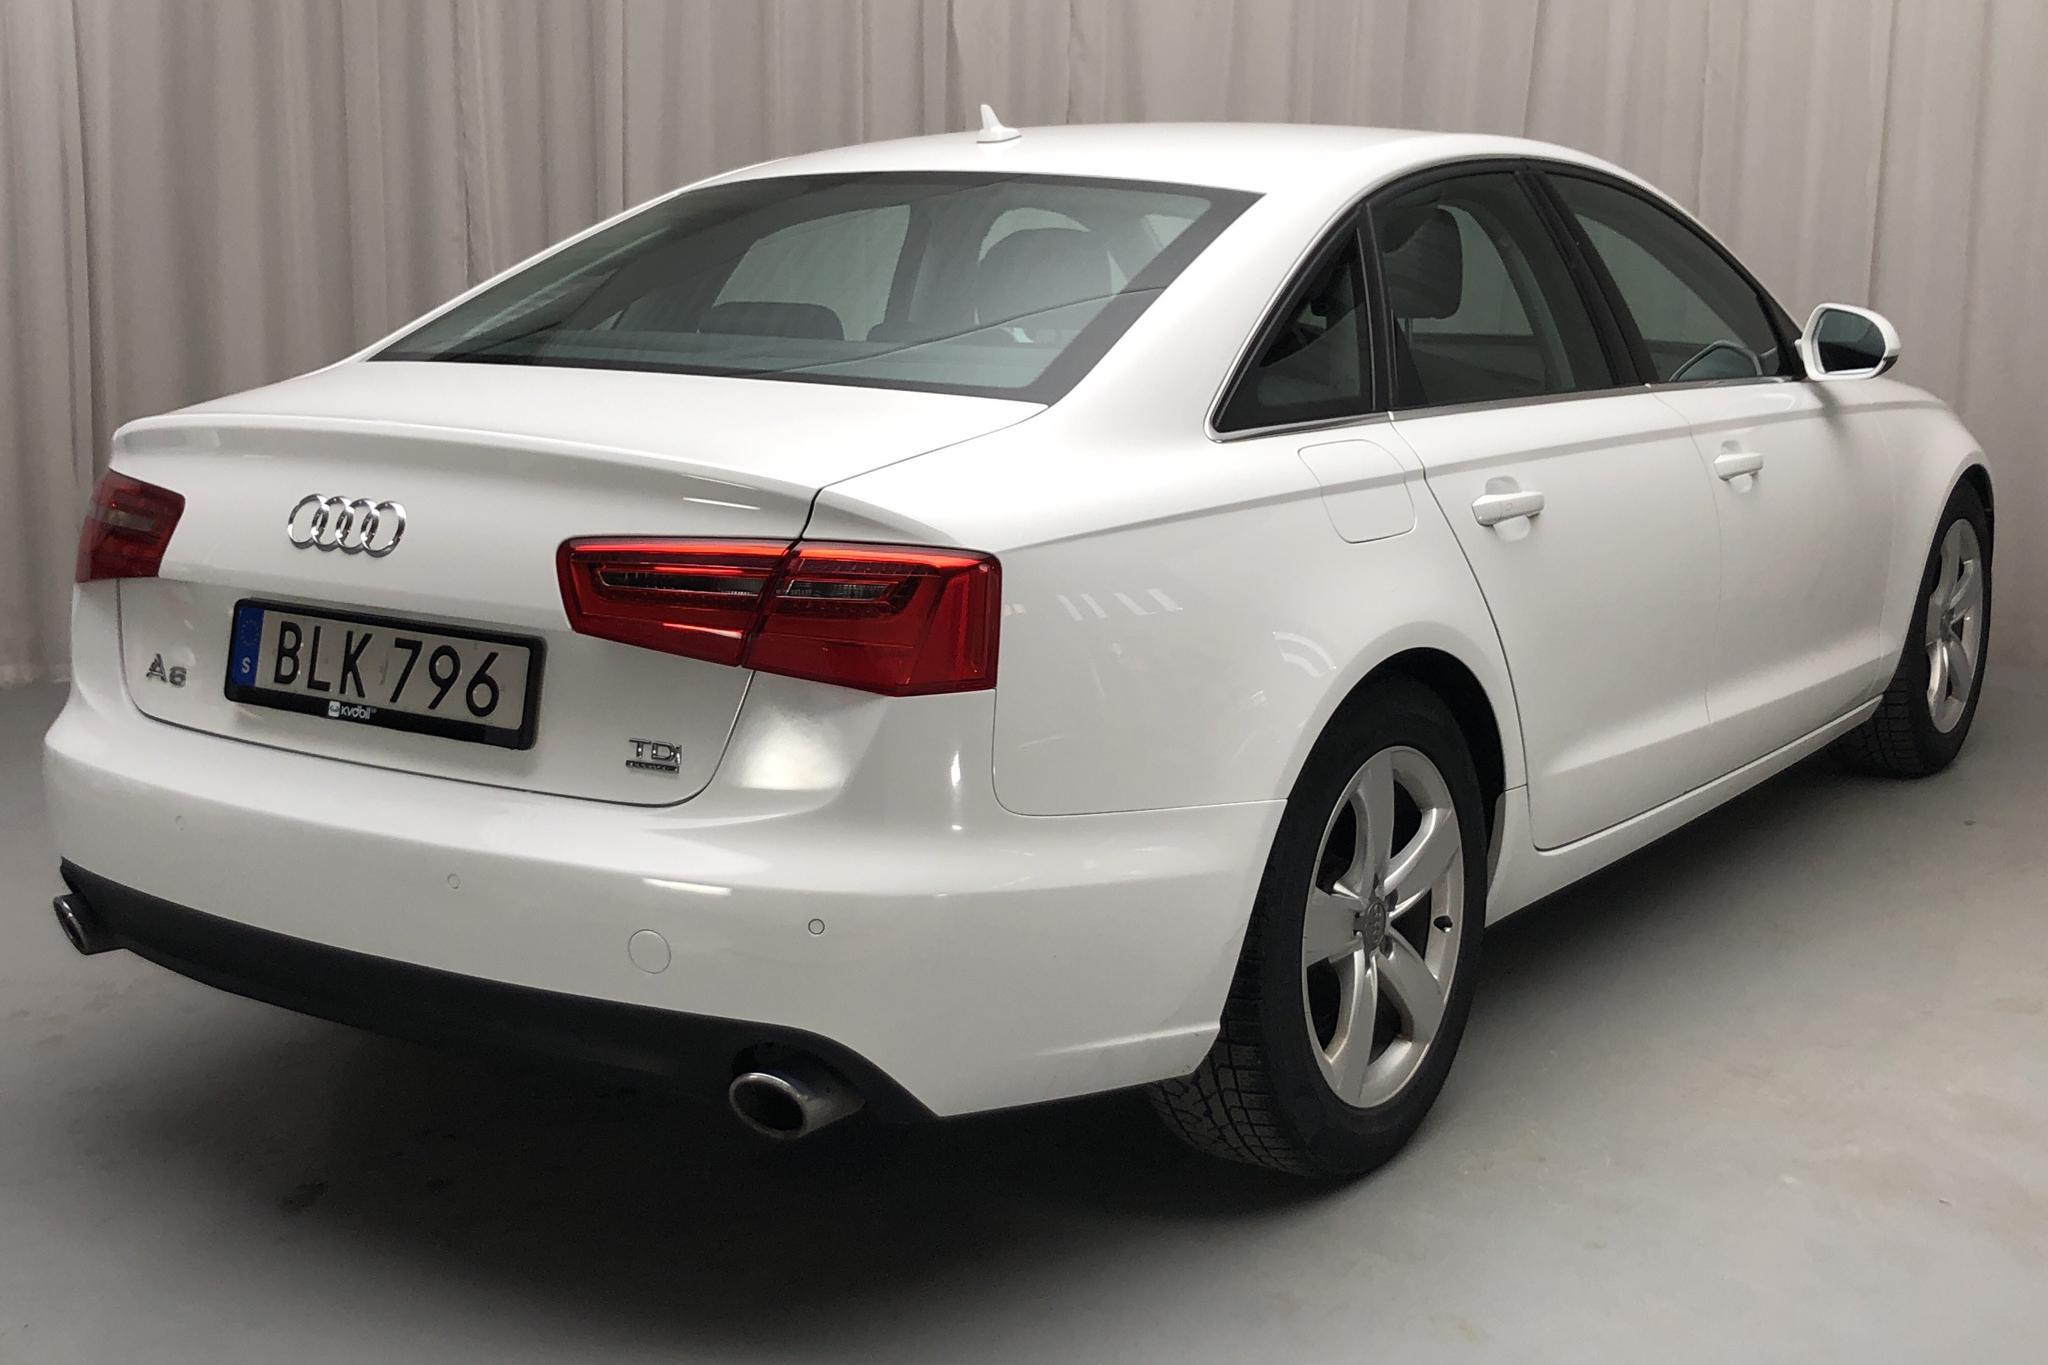 Audi A6 3.0 TDI quattro (204hk) - 12 859 mil - Automat - vit - 2014